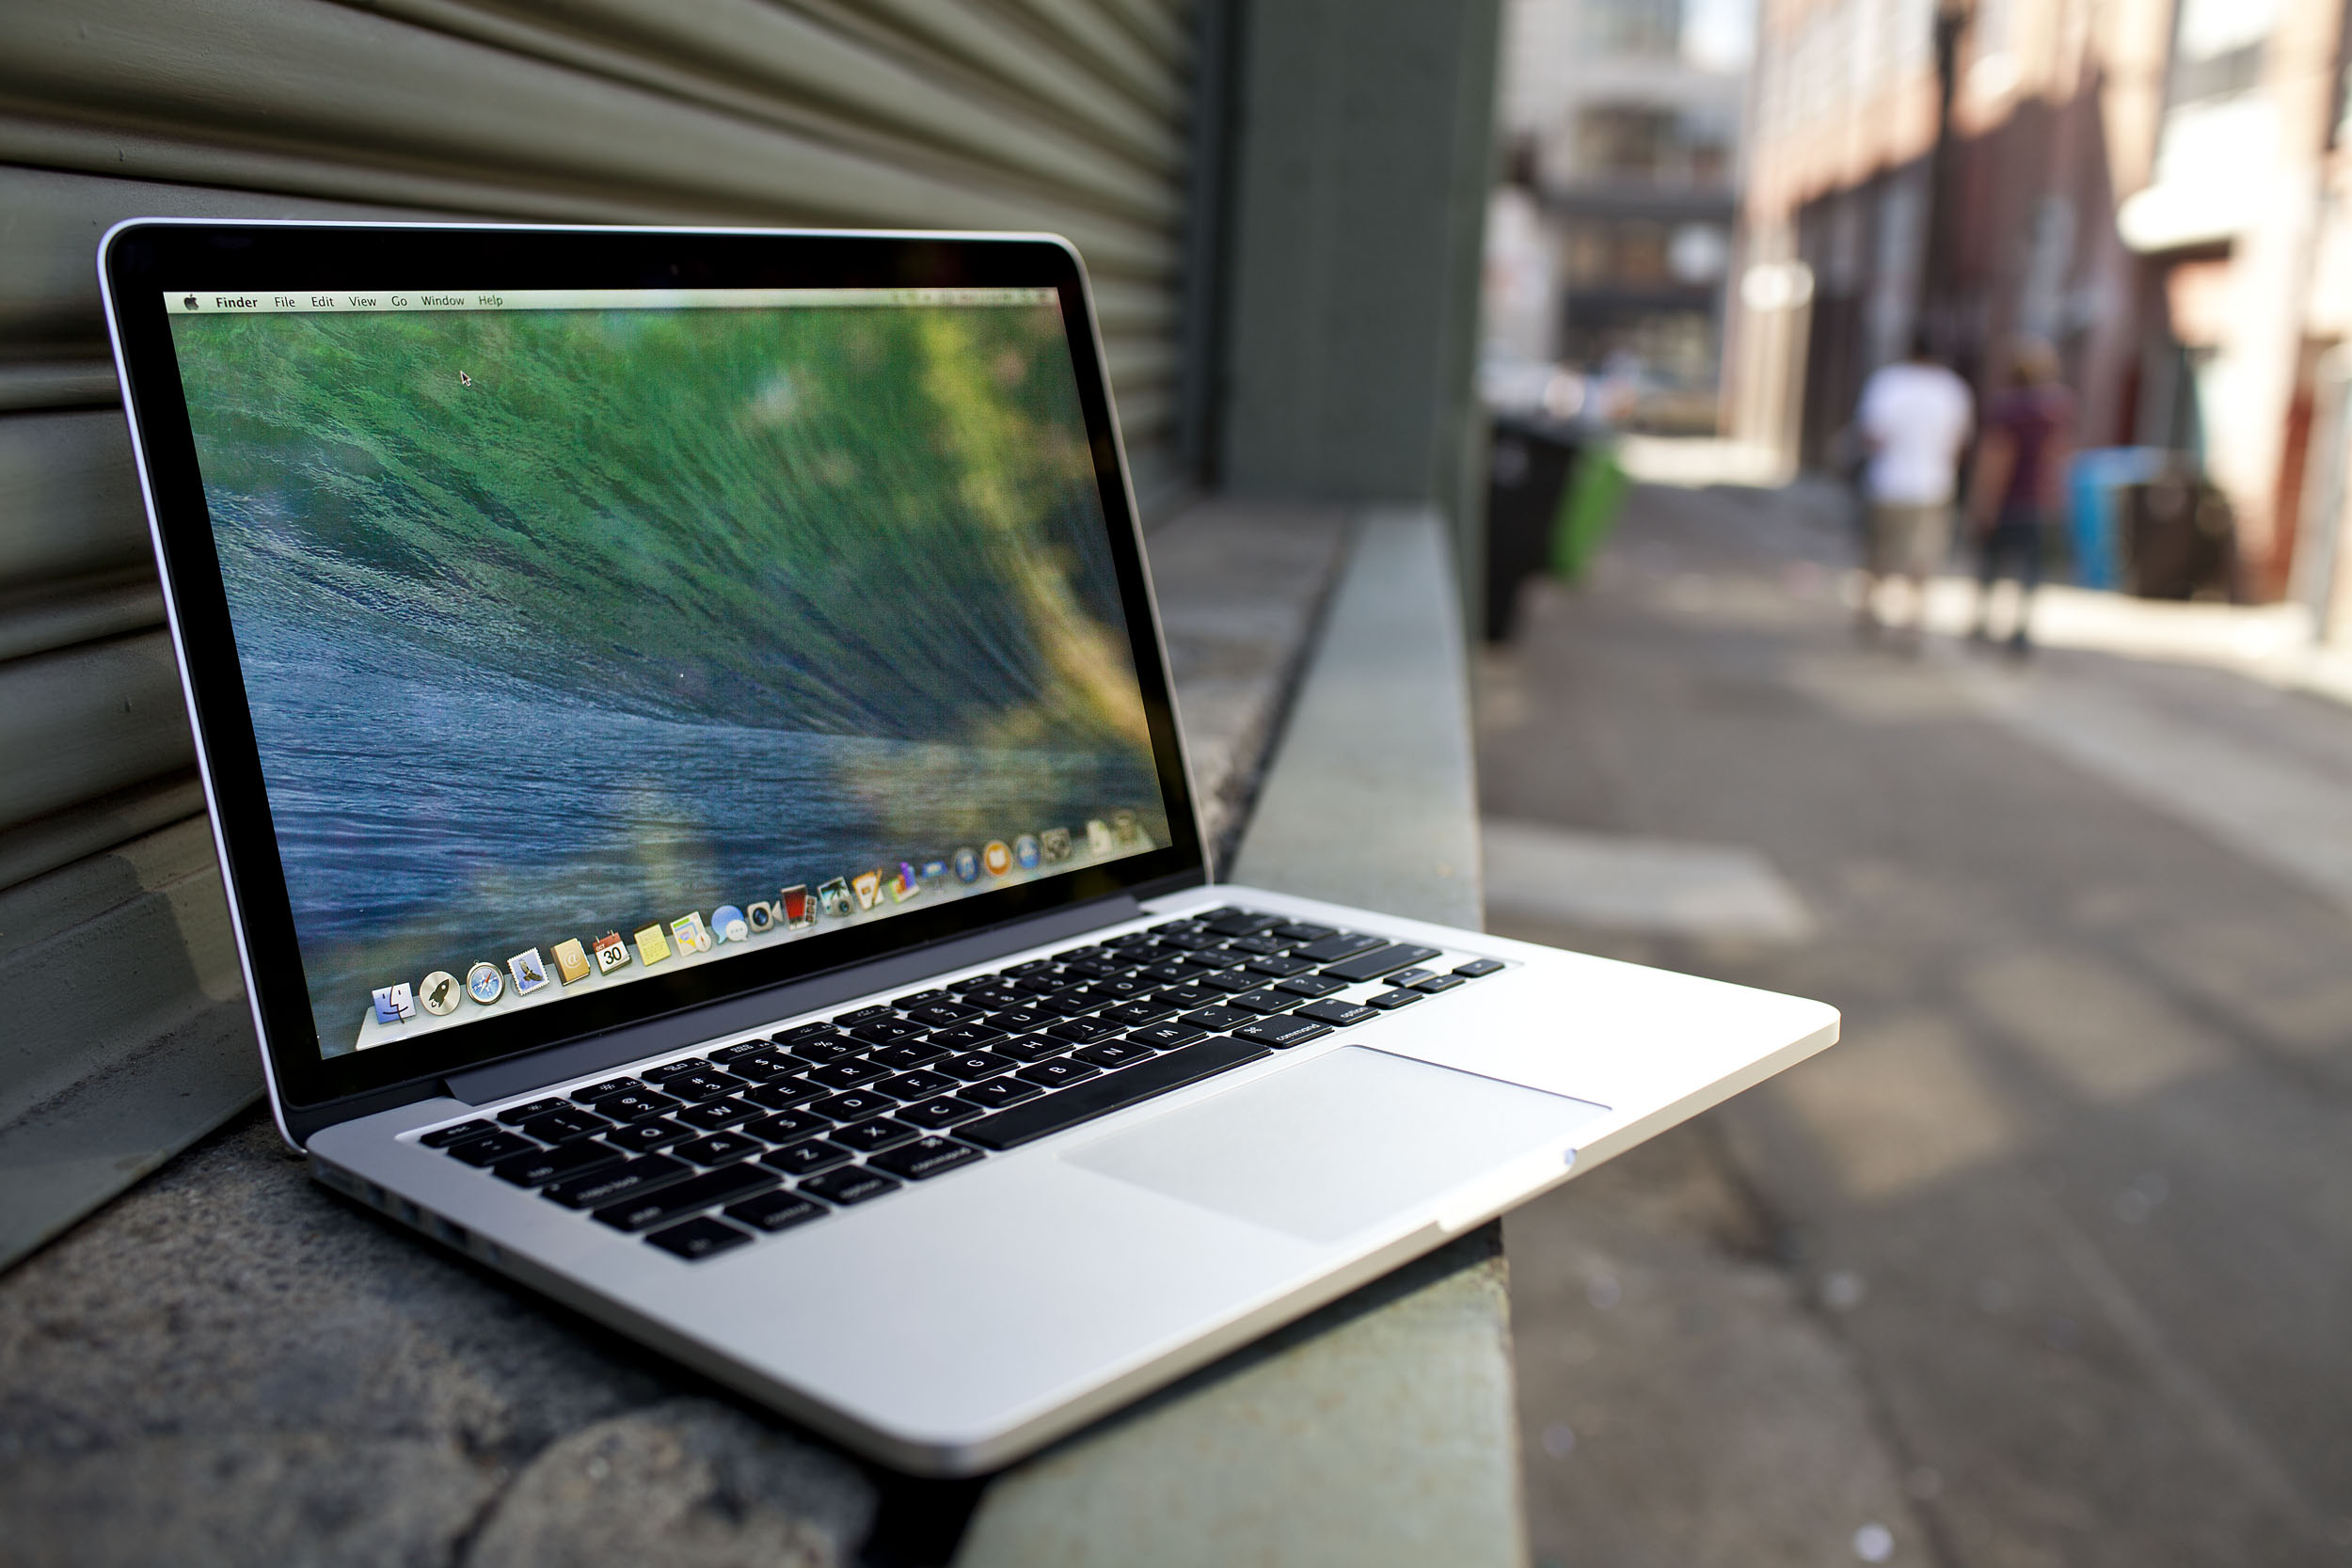 Просочились фотографии корпуса нового MacBook Pro